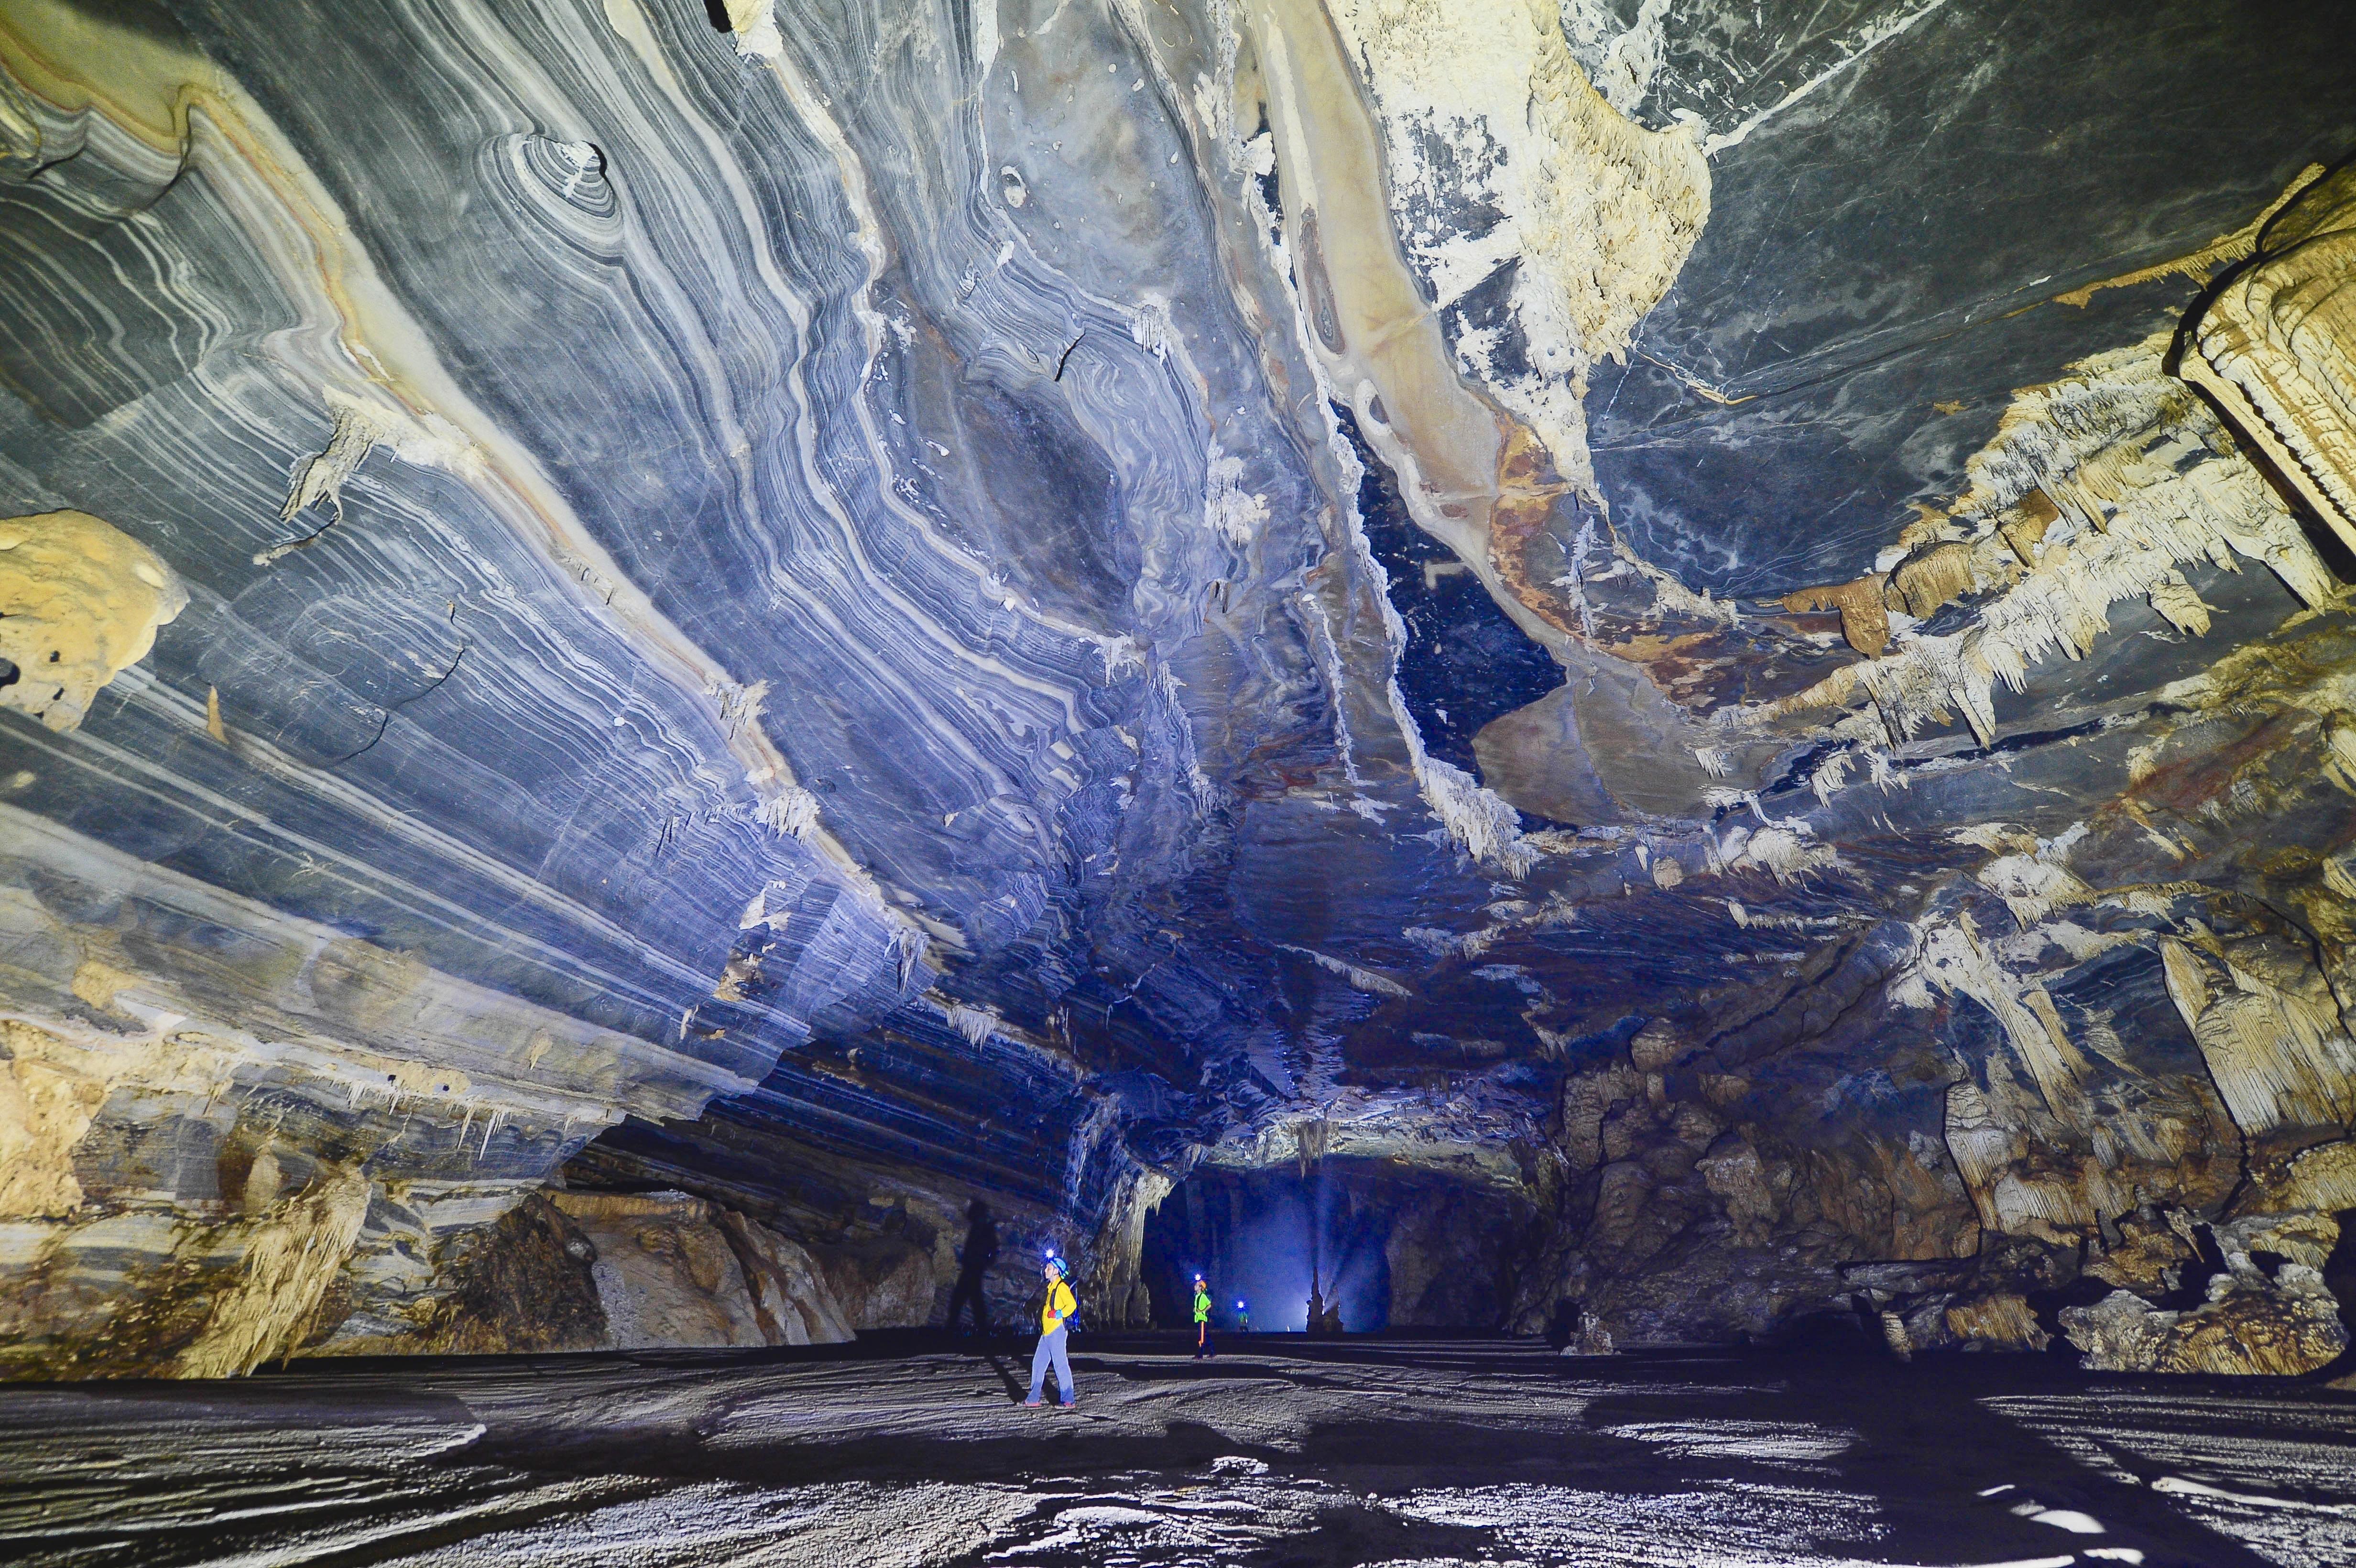 Không chỉ Sơn Đoòng, Quảng Bình còn có một hang động khác hoang sơ và đẹp đến ngạt thở! - Ảnh 18.